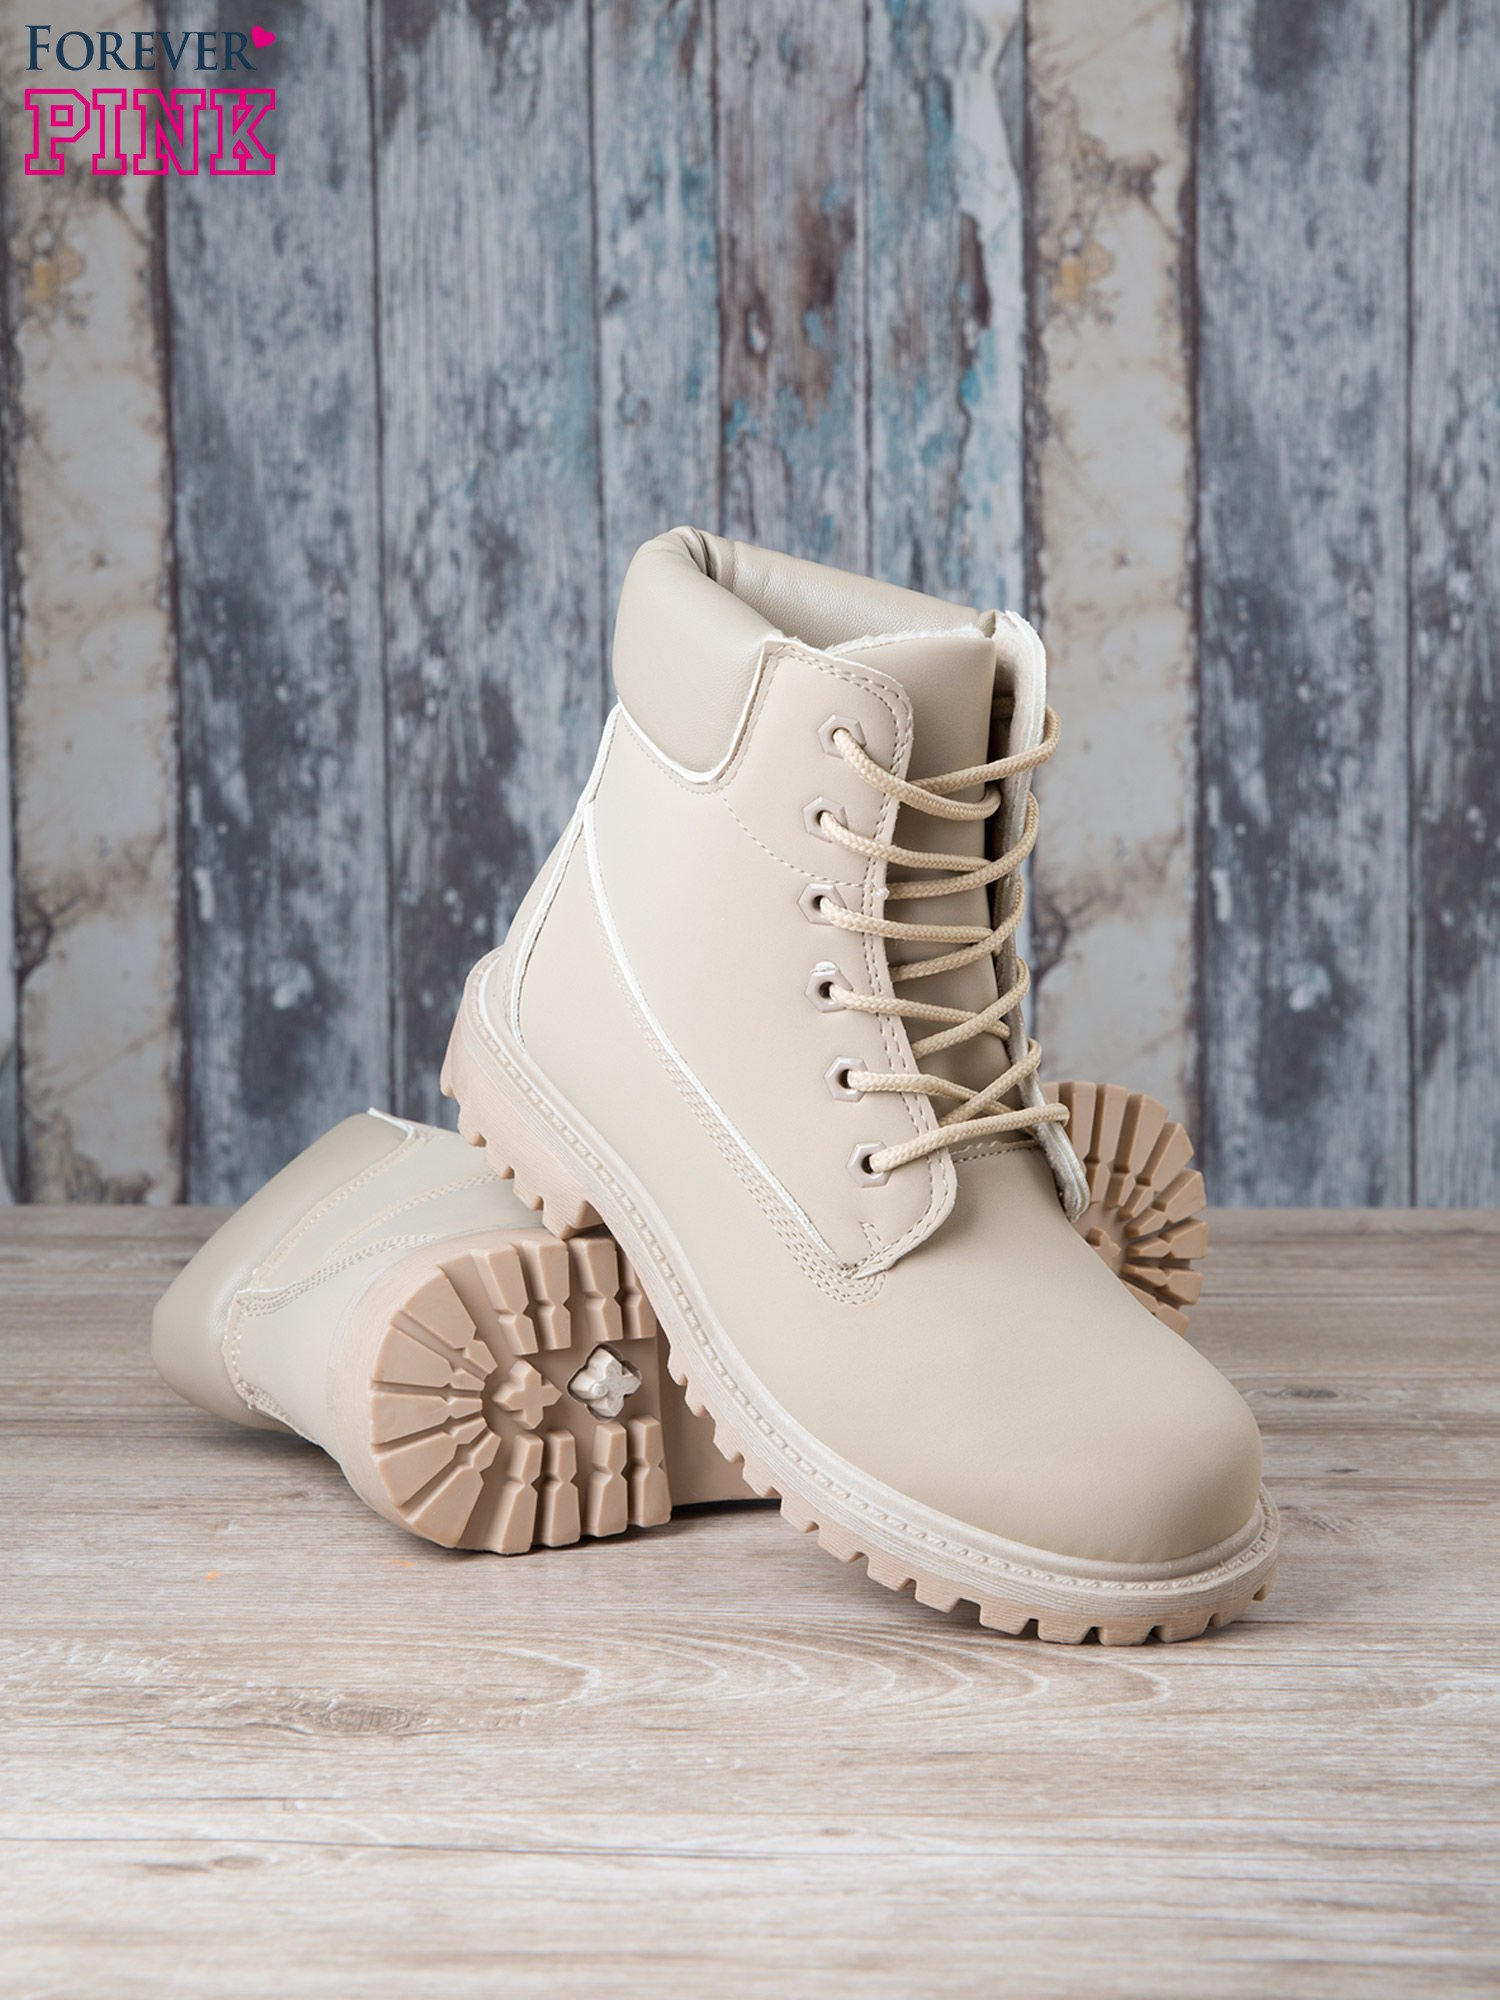 Jasnobeżowe jednolite buty trekkingowe damskie Westie traperki ocieplane                                  zdj.                                  4